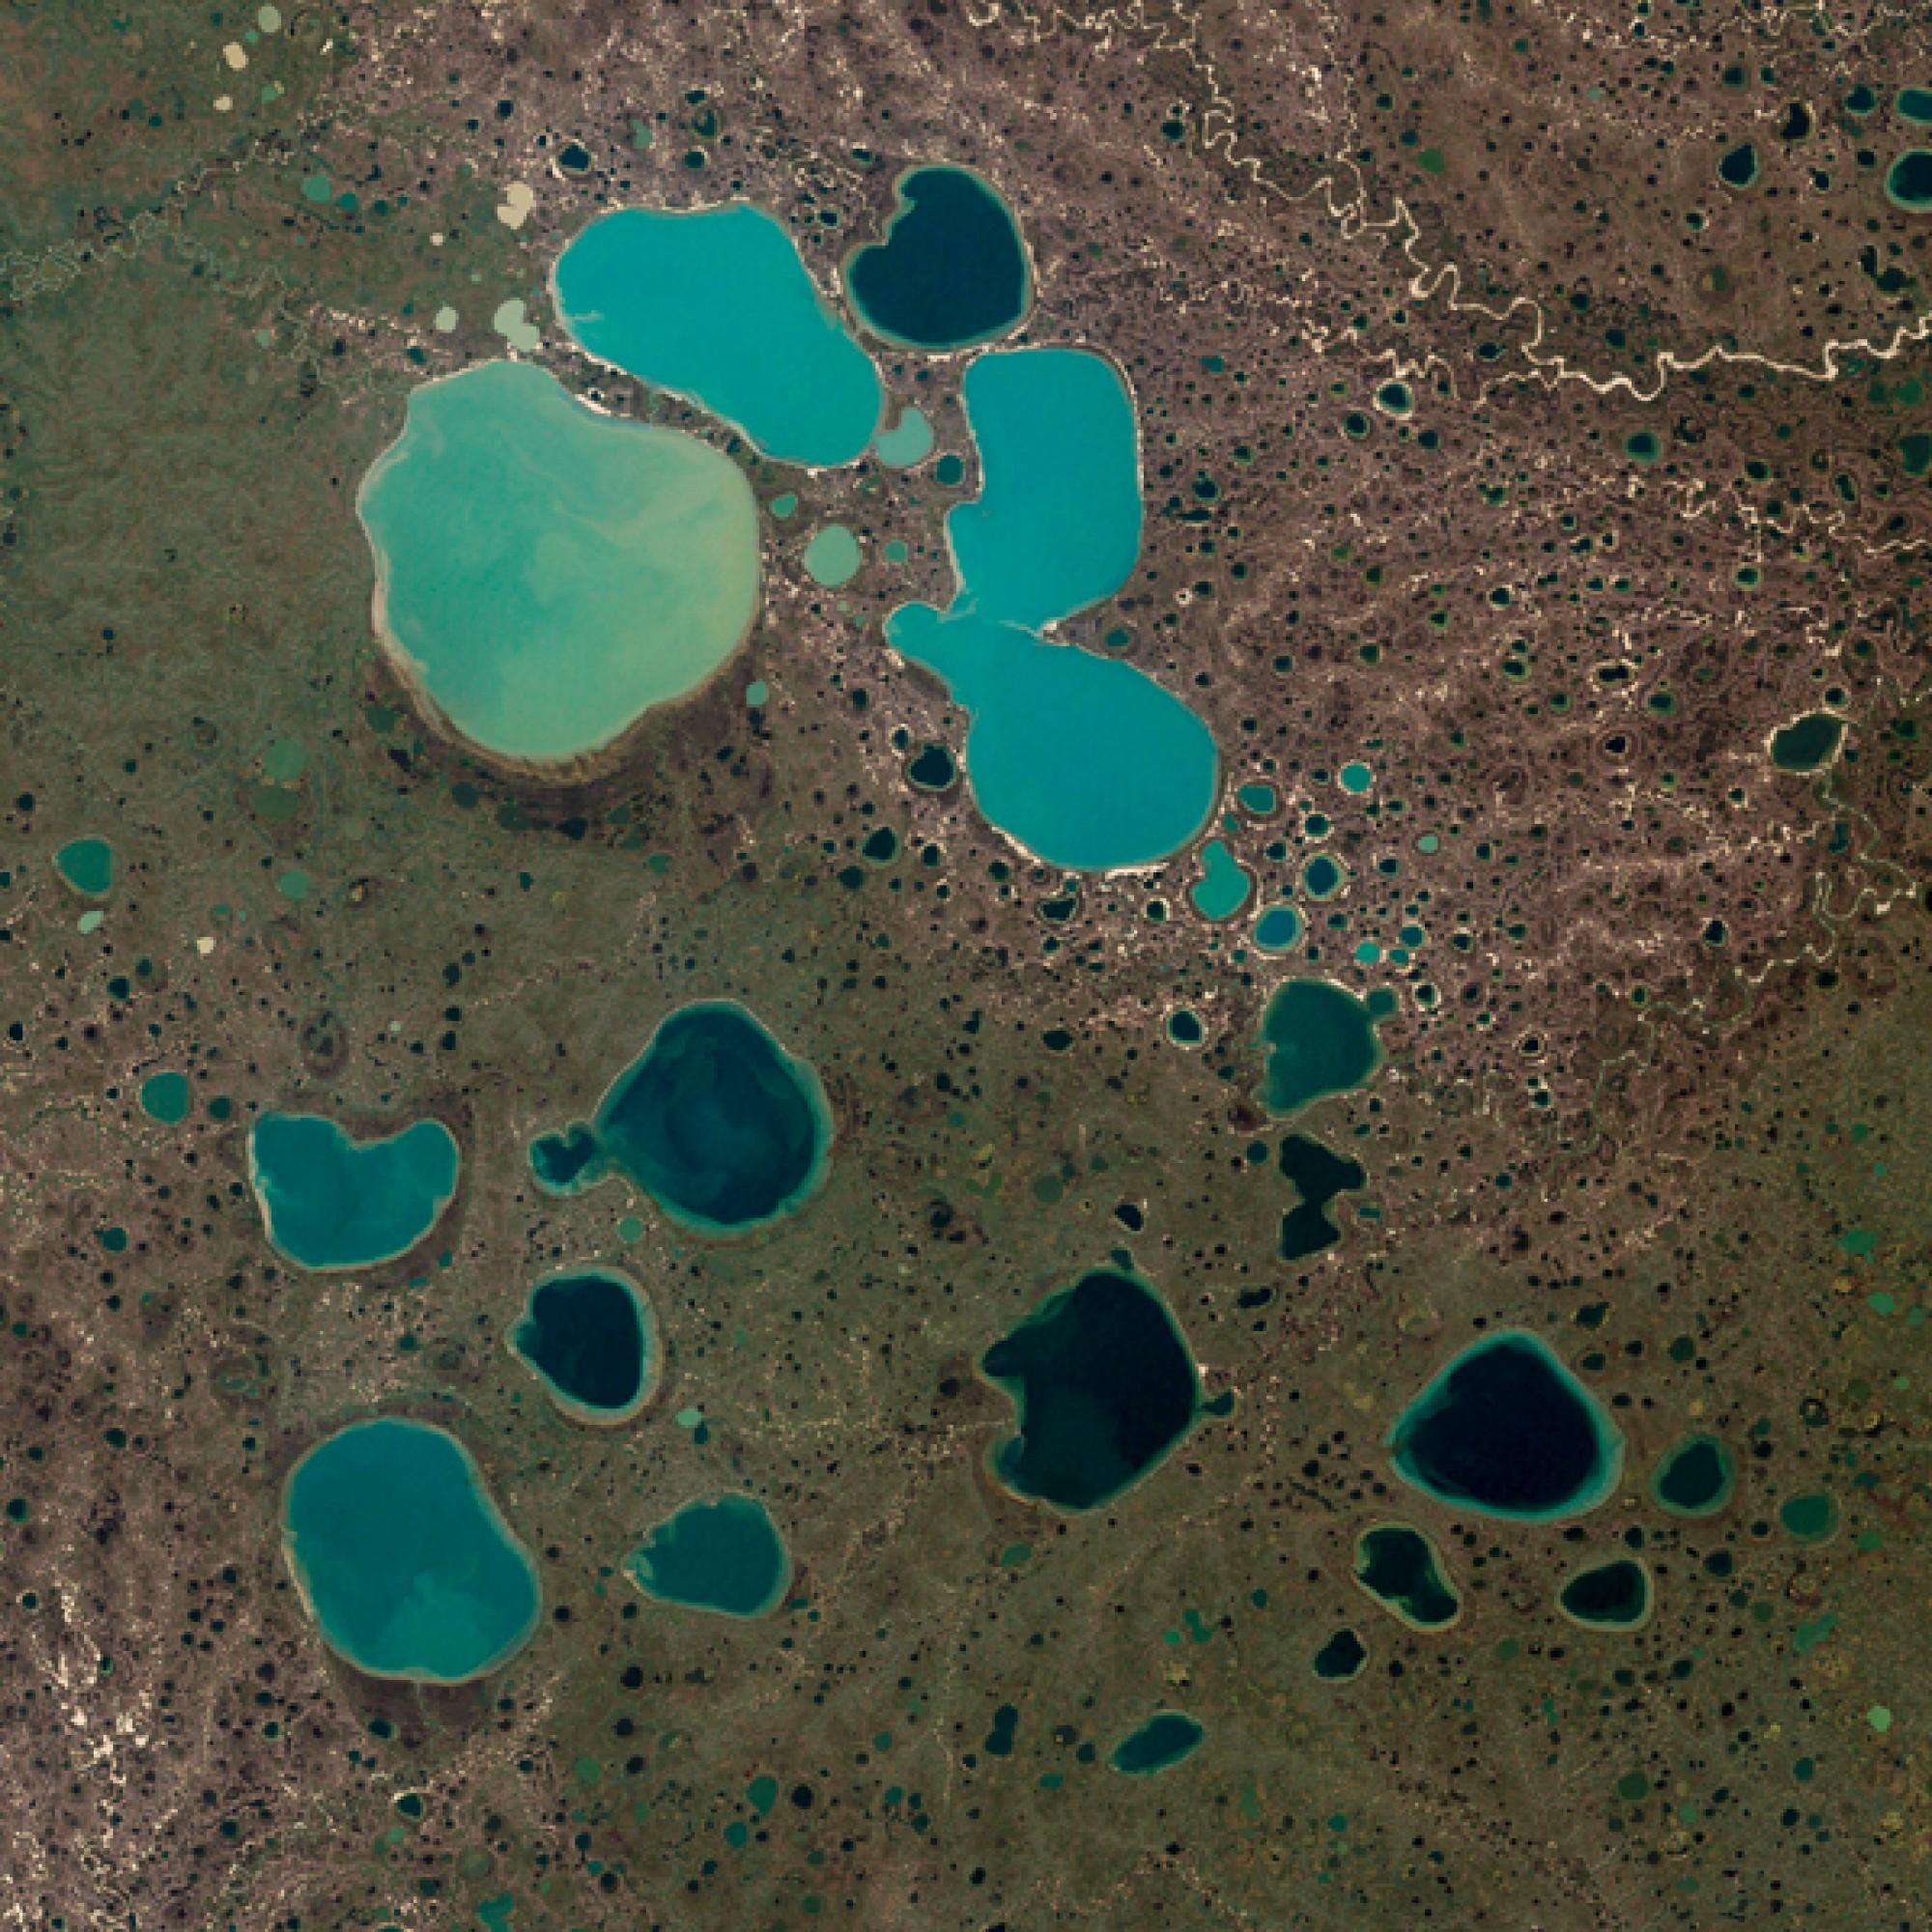 Toteisseen in der arktischen Tundra Sibiriens. (Nasa)